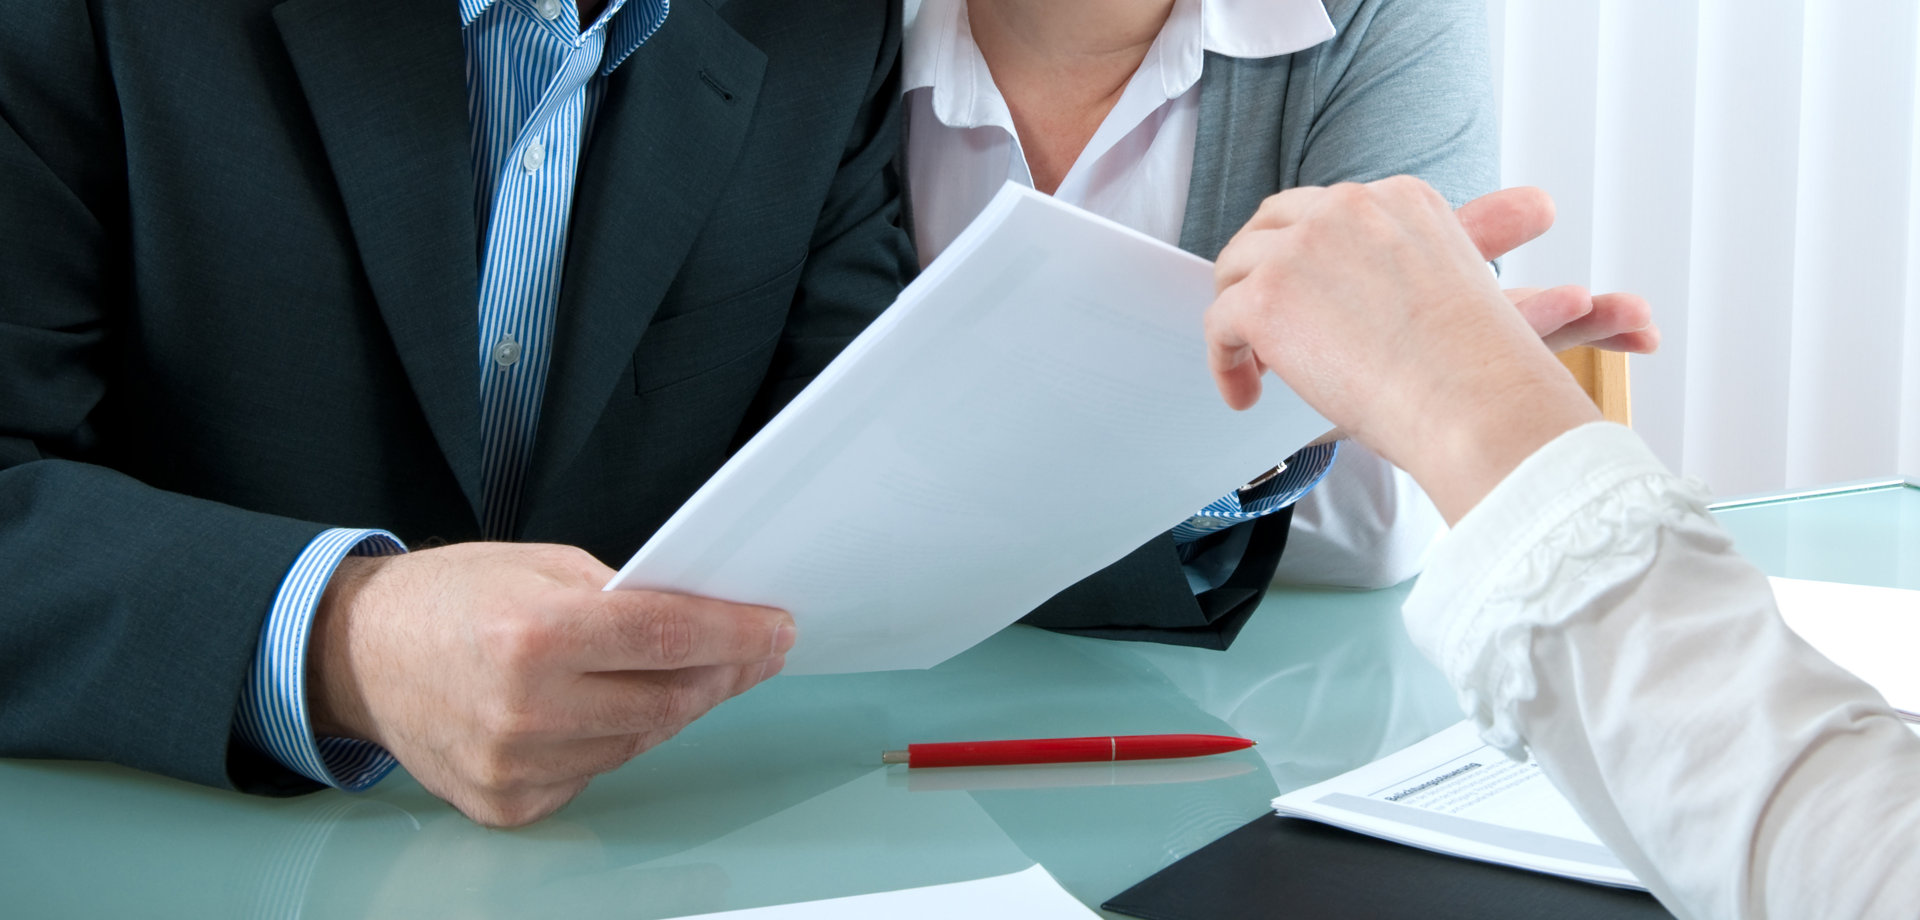 Документы для регистрации фирмы в Управлении предпринимательской деятельностью в Чехии